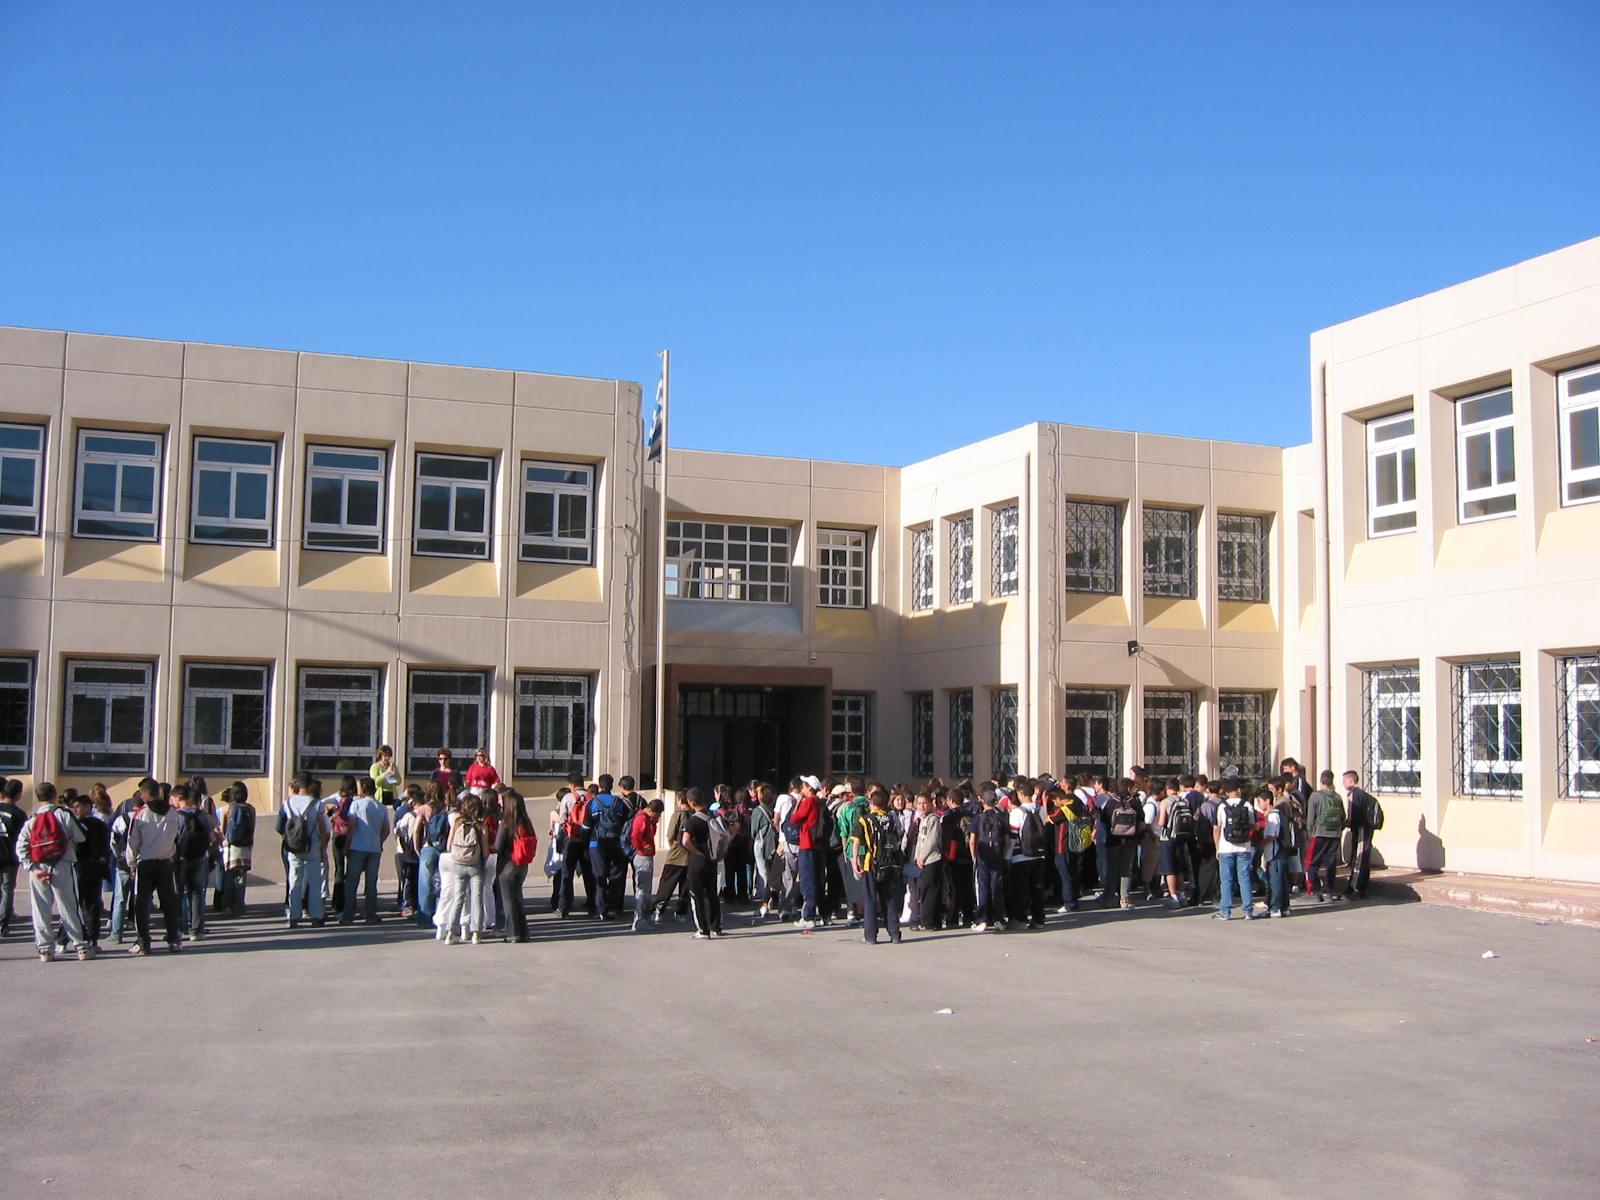 Αποτέλεσμα εικόνας για διεύθυνση πρωτοβάθμιας εκπαίδευσης μεσσηνίας